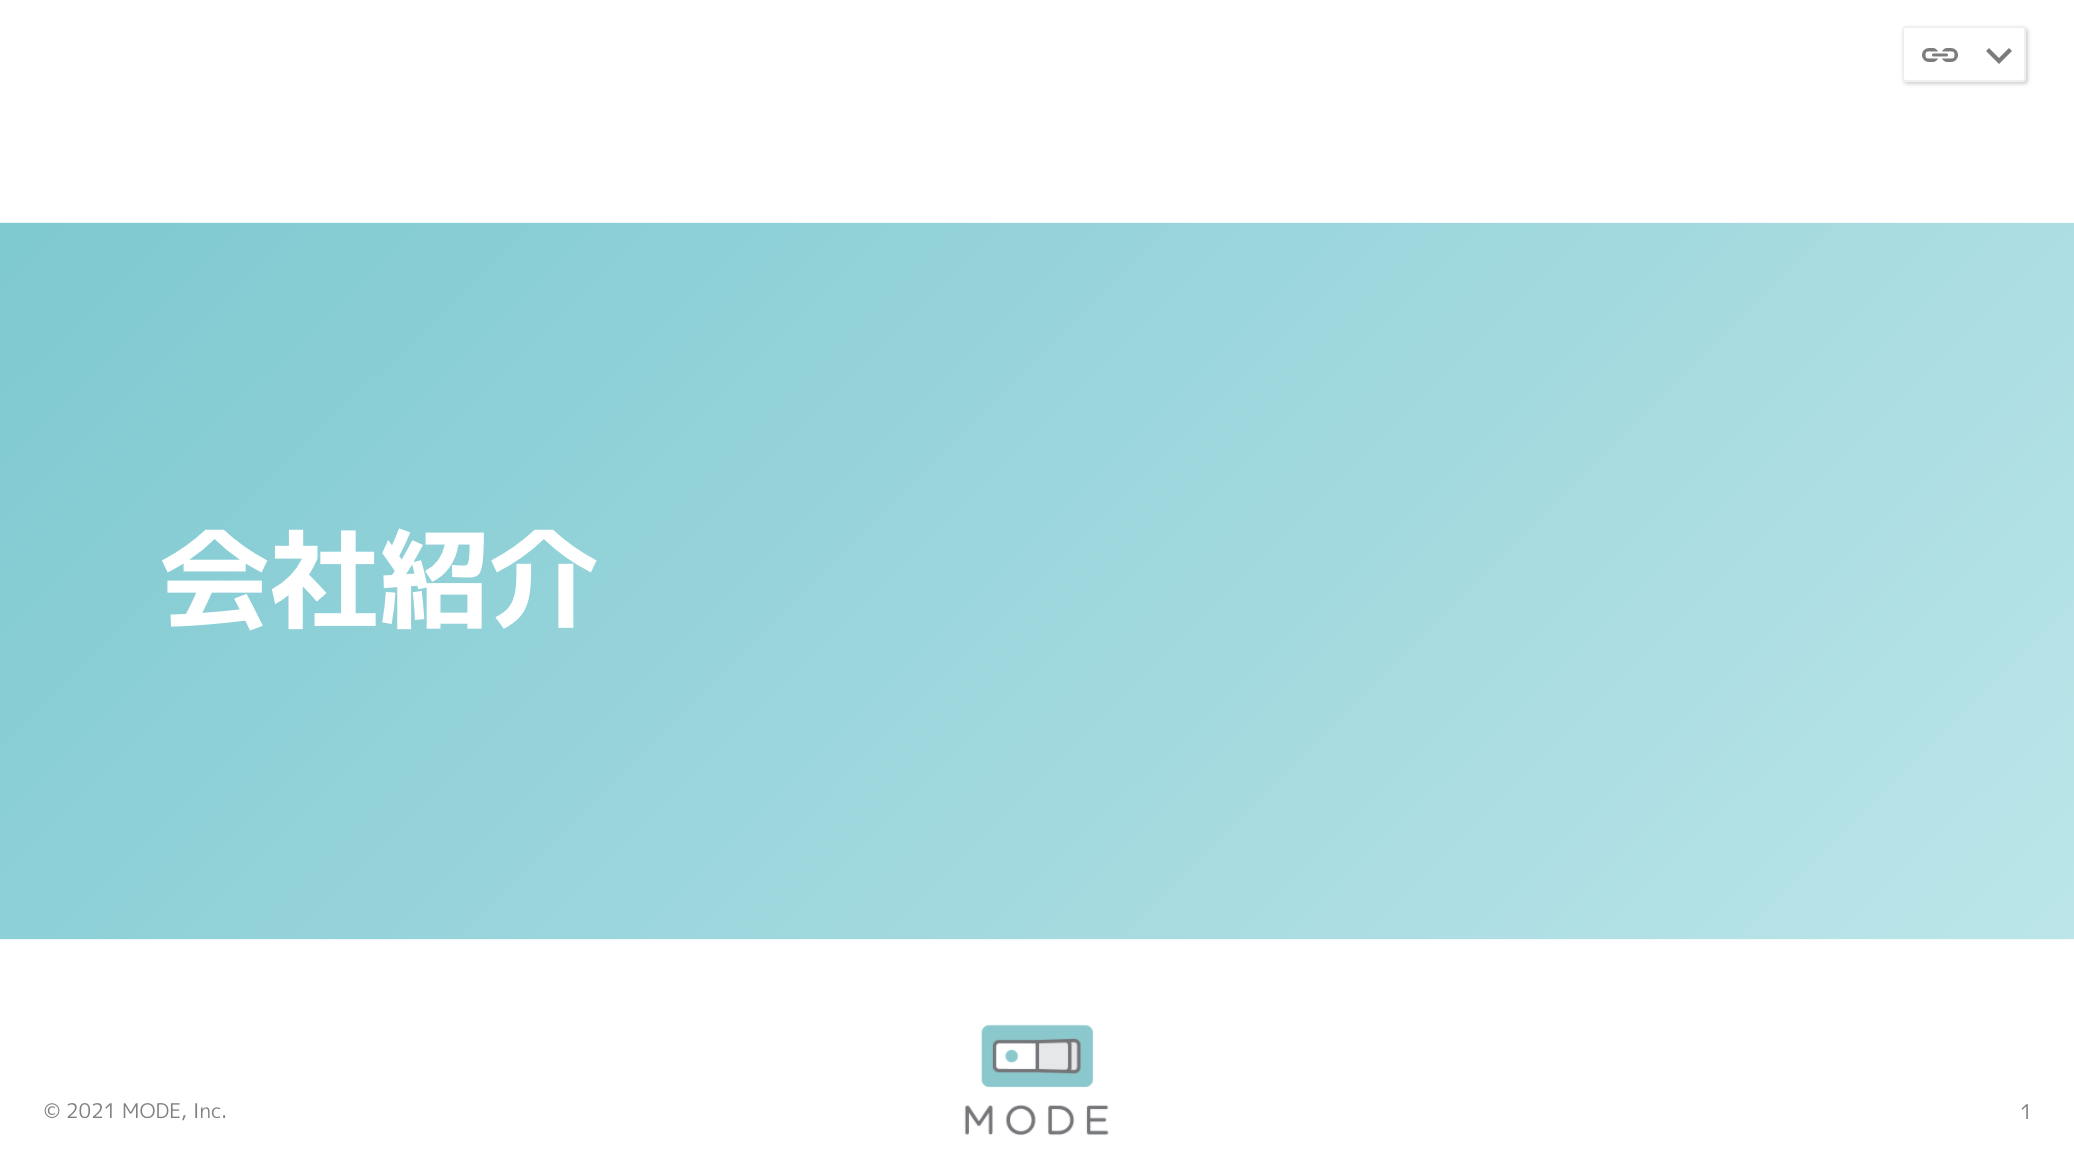 スクリーンショット 2021-07-26 21.42.53